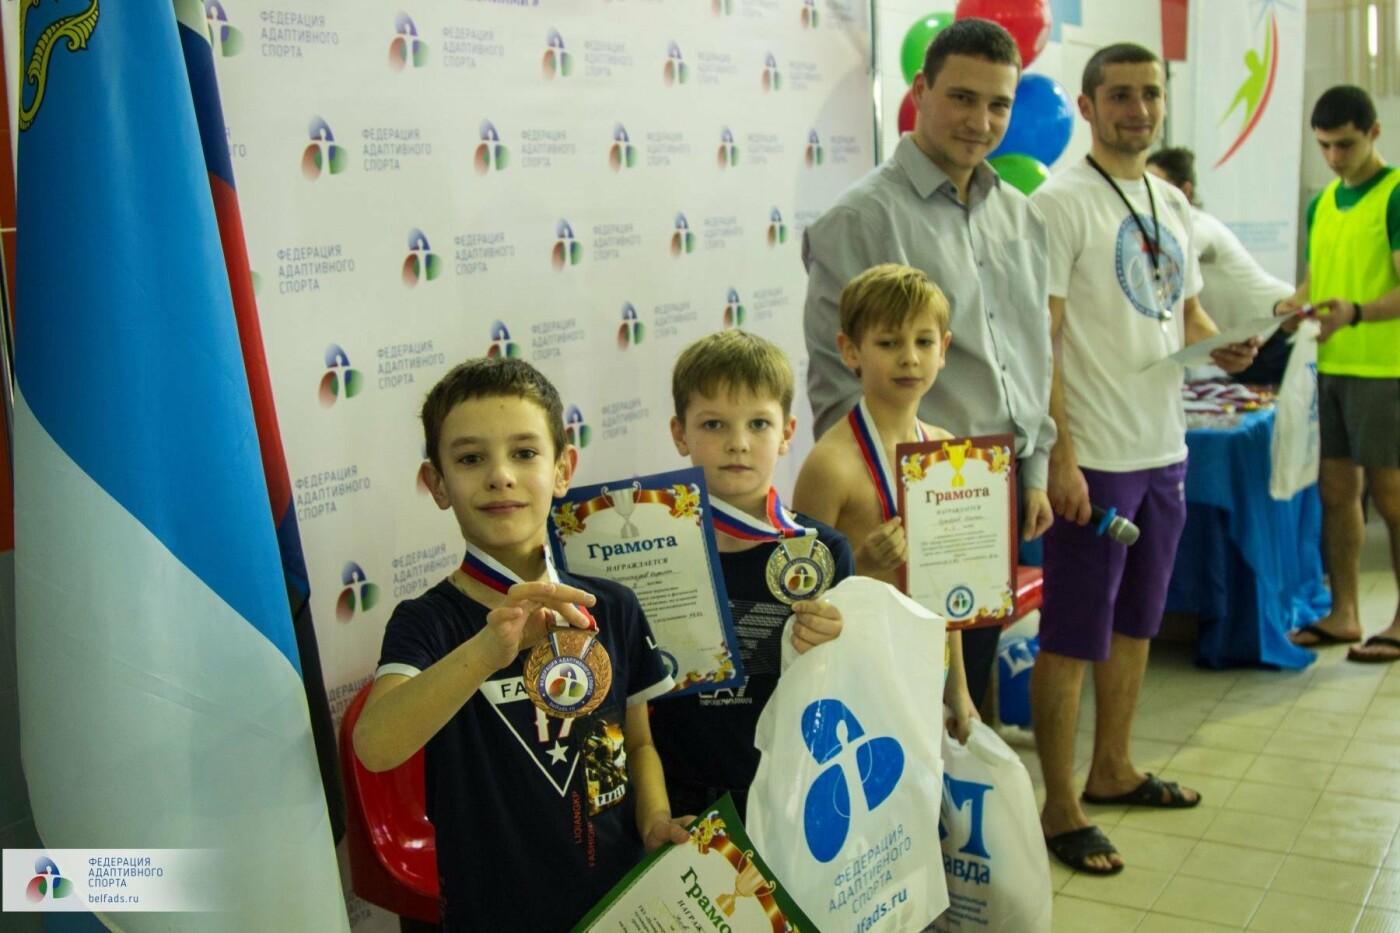 Предновогодний заплыв: члены Федерации адаптивного спорта провели соревнования по плаванию, фото-13